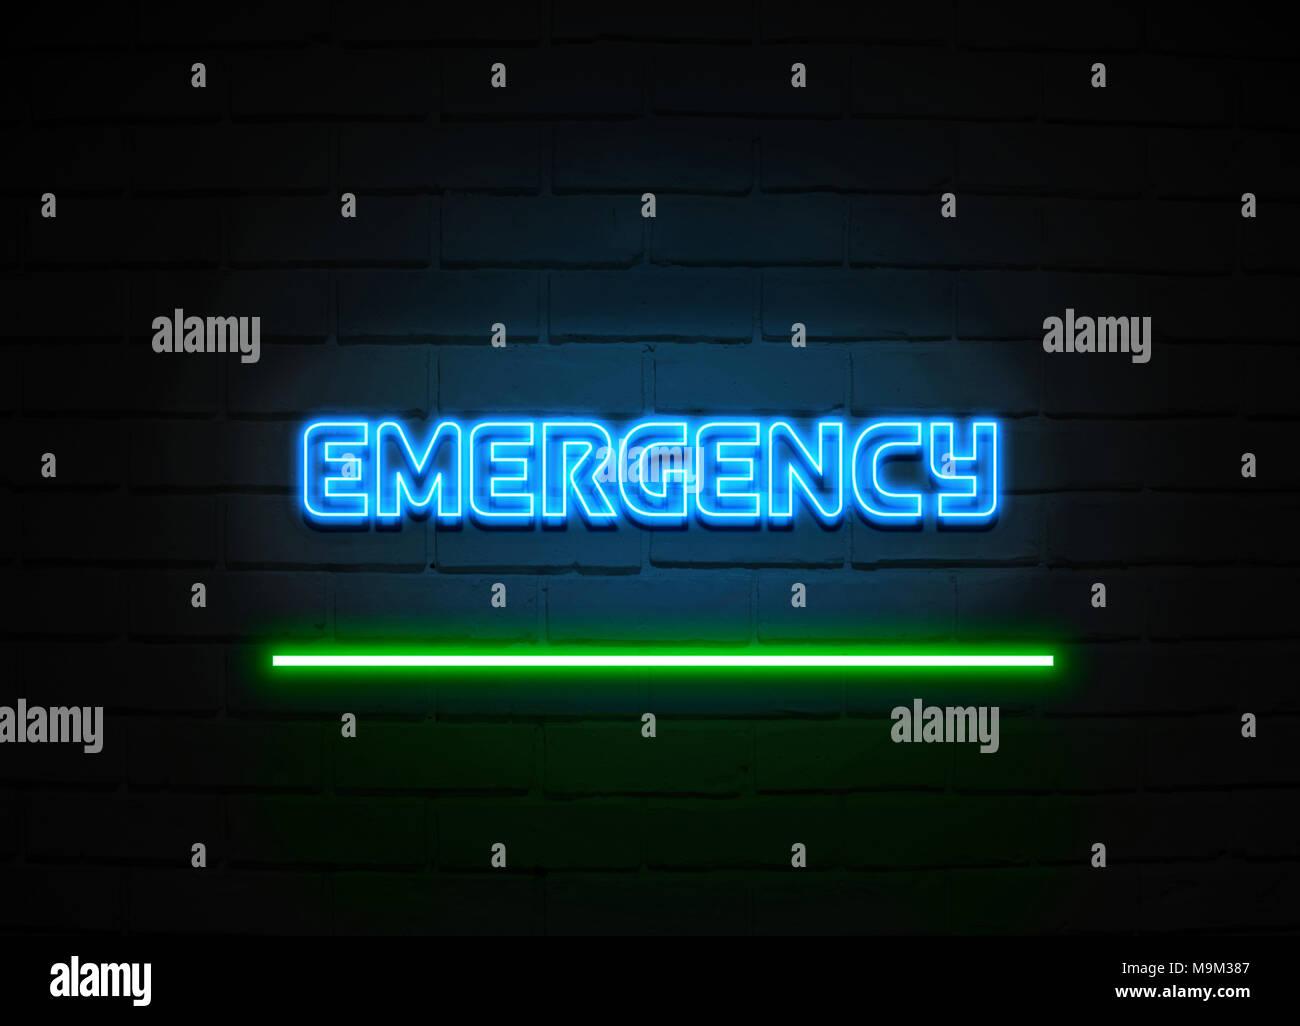 Emergenza segno al neon - Neon incandescente segno sulla parete brickwall - 3D reso Royalty free stock illustrazione. Immagini Stock